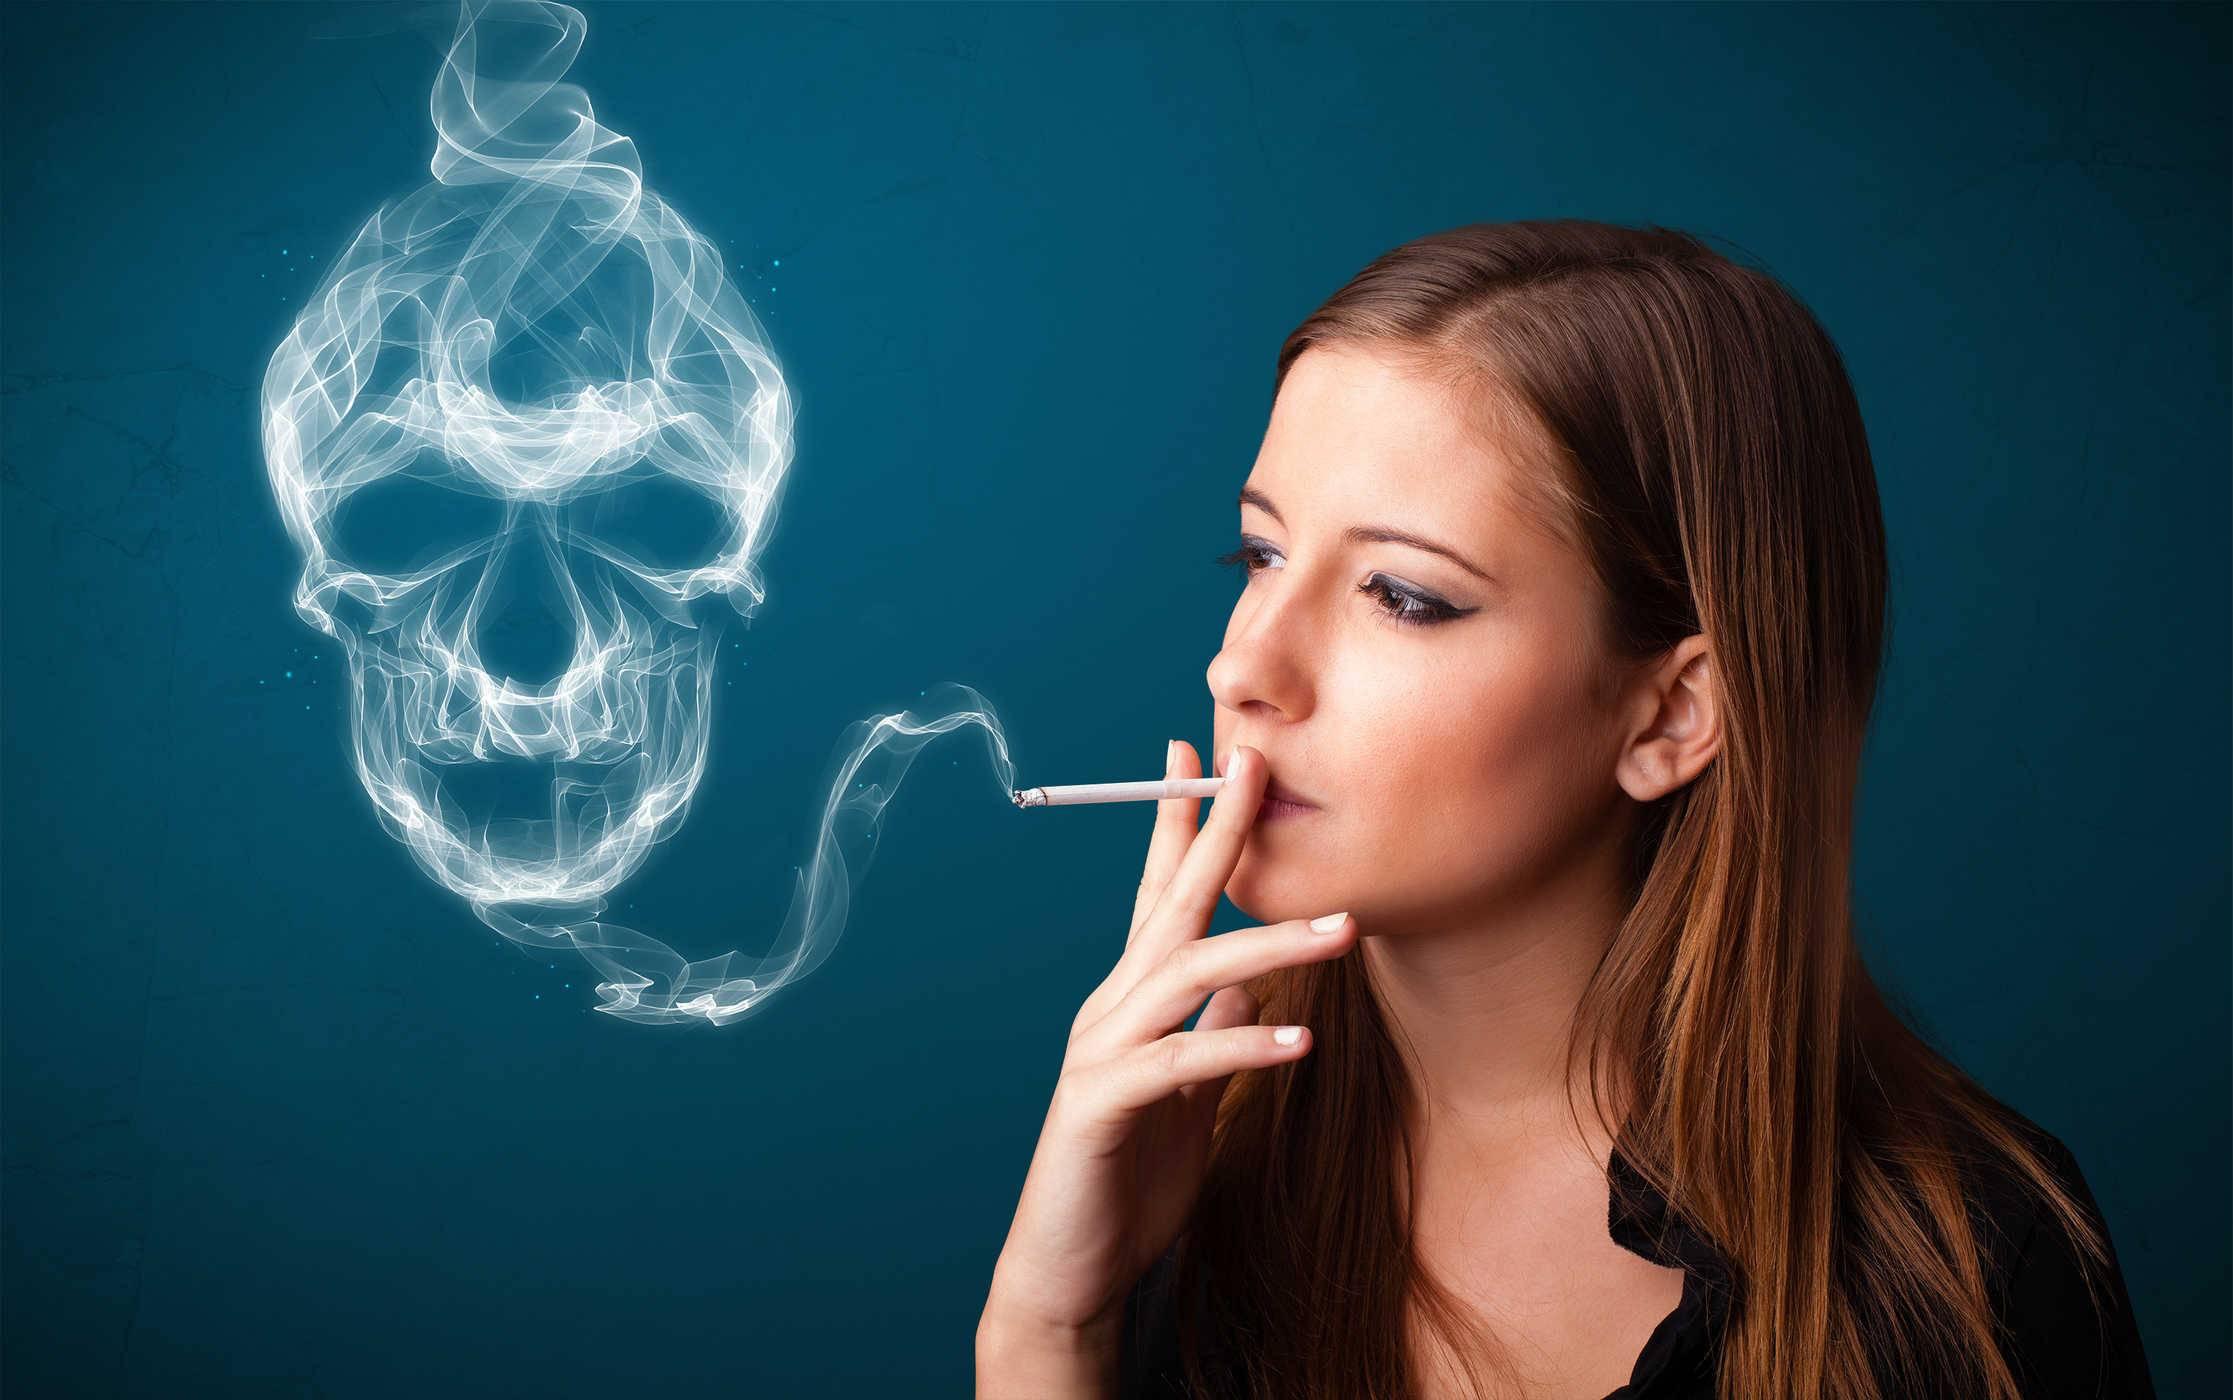 Кровь на анализы и курение: как привычка сказывается на результатах